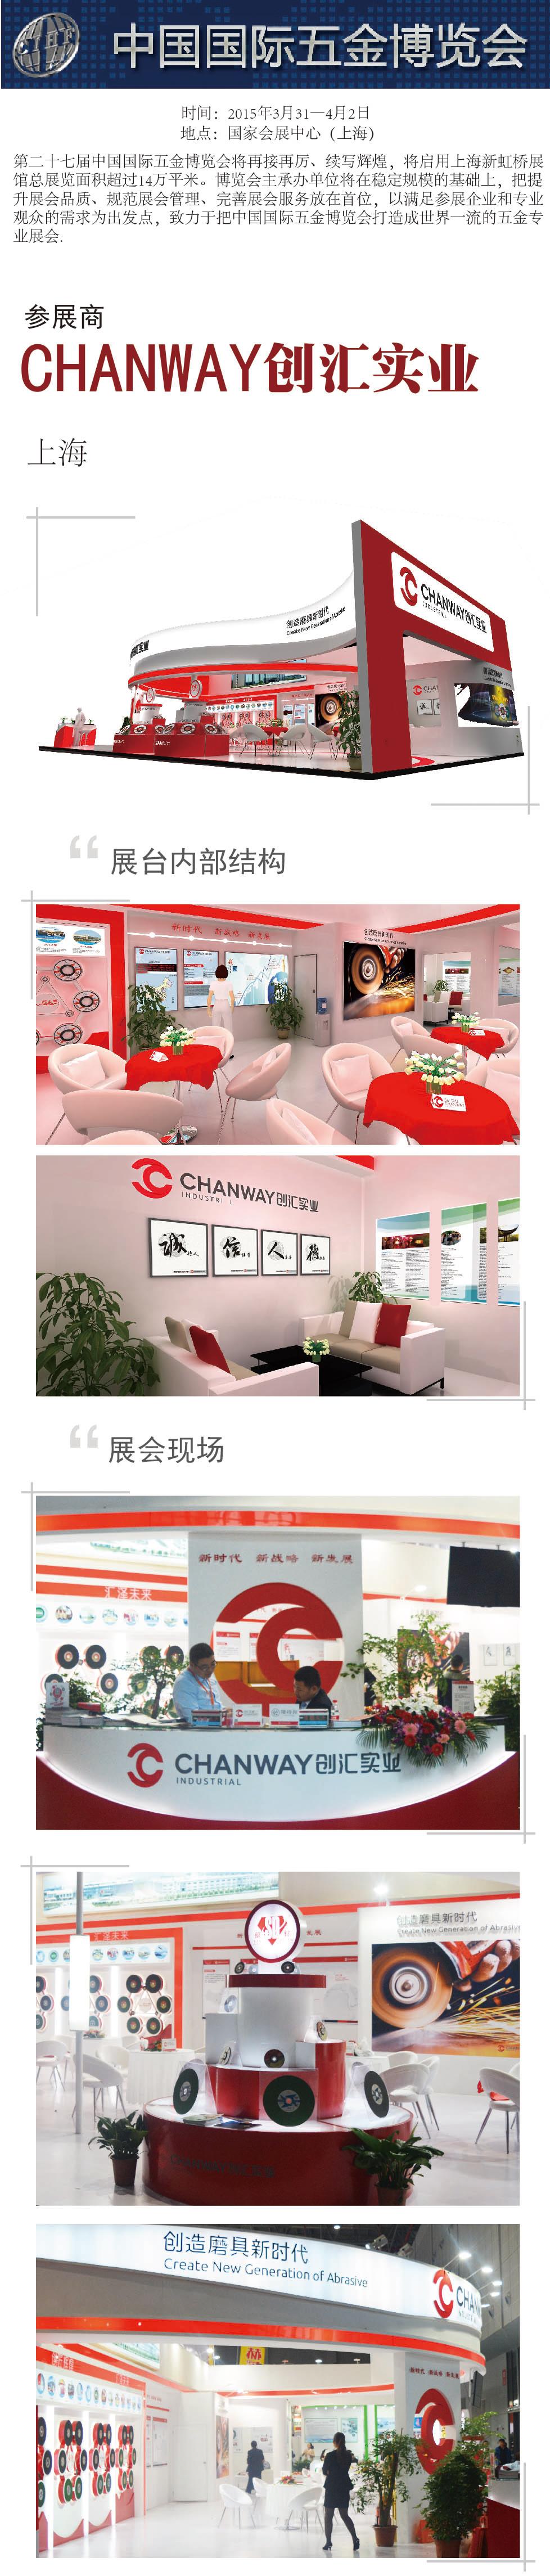 中国国际五金博览会设计展台案例